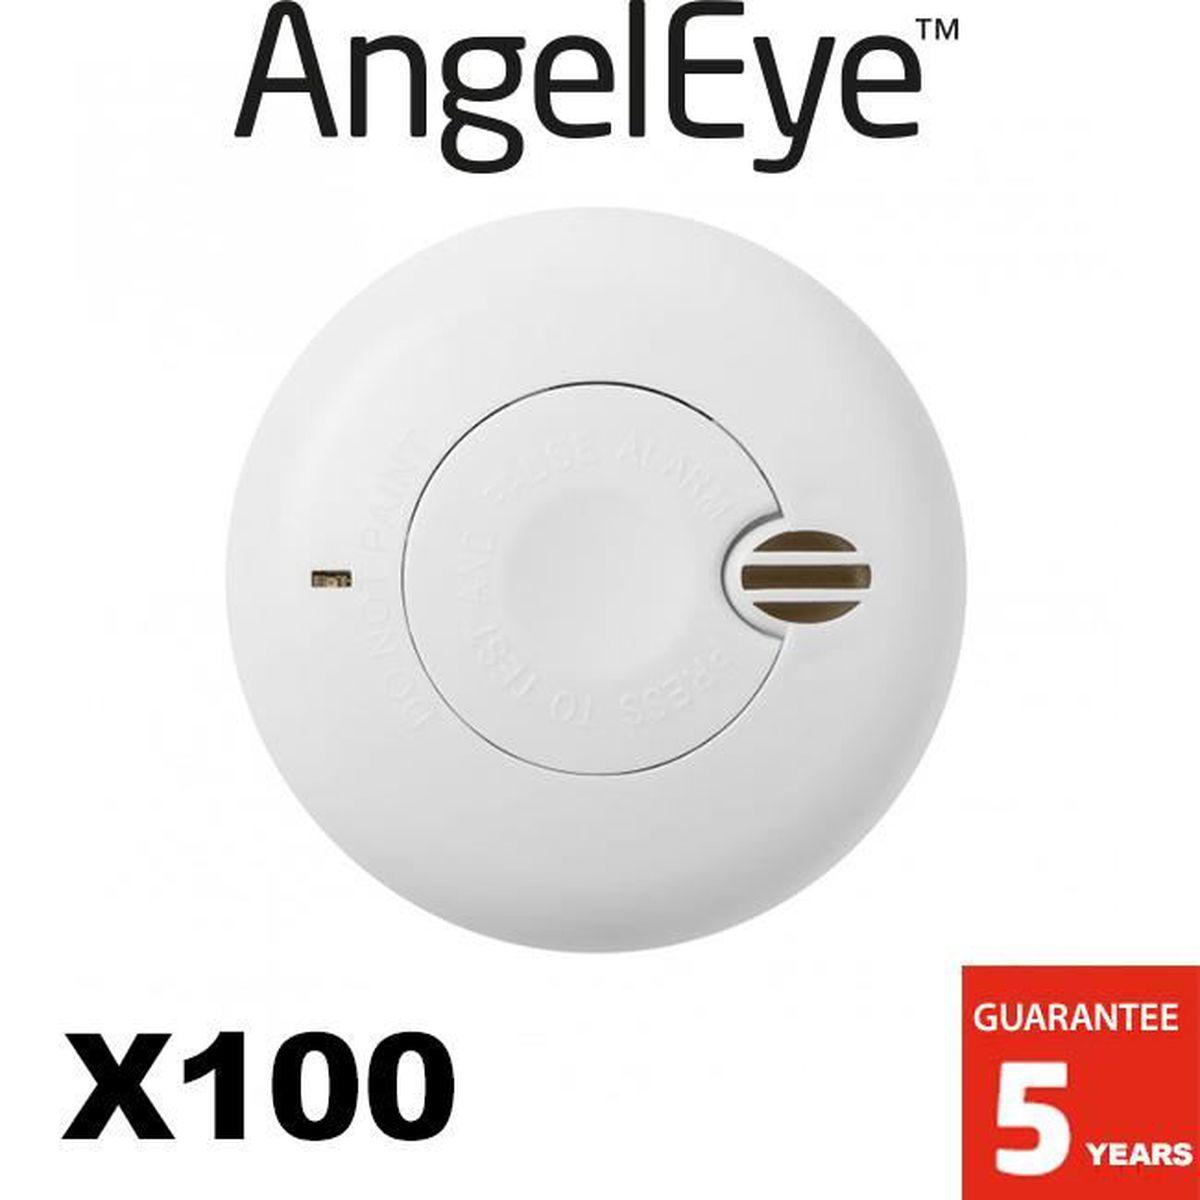 ANGELEYE LOT de 6 D/étecteurs de fum/ée NF Autonomie 1 an - Garantie 5 ans ORIGINAL DUO SO-501-AE-FR 3 x 2 d/étecteurs